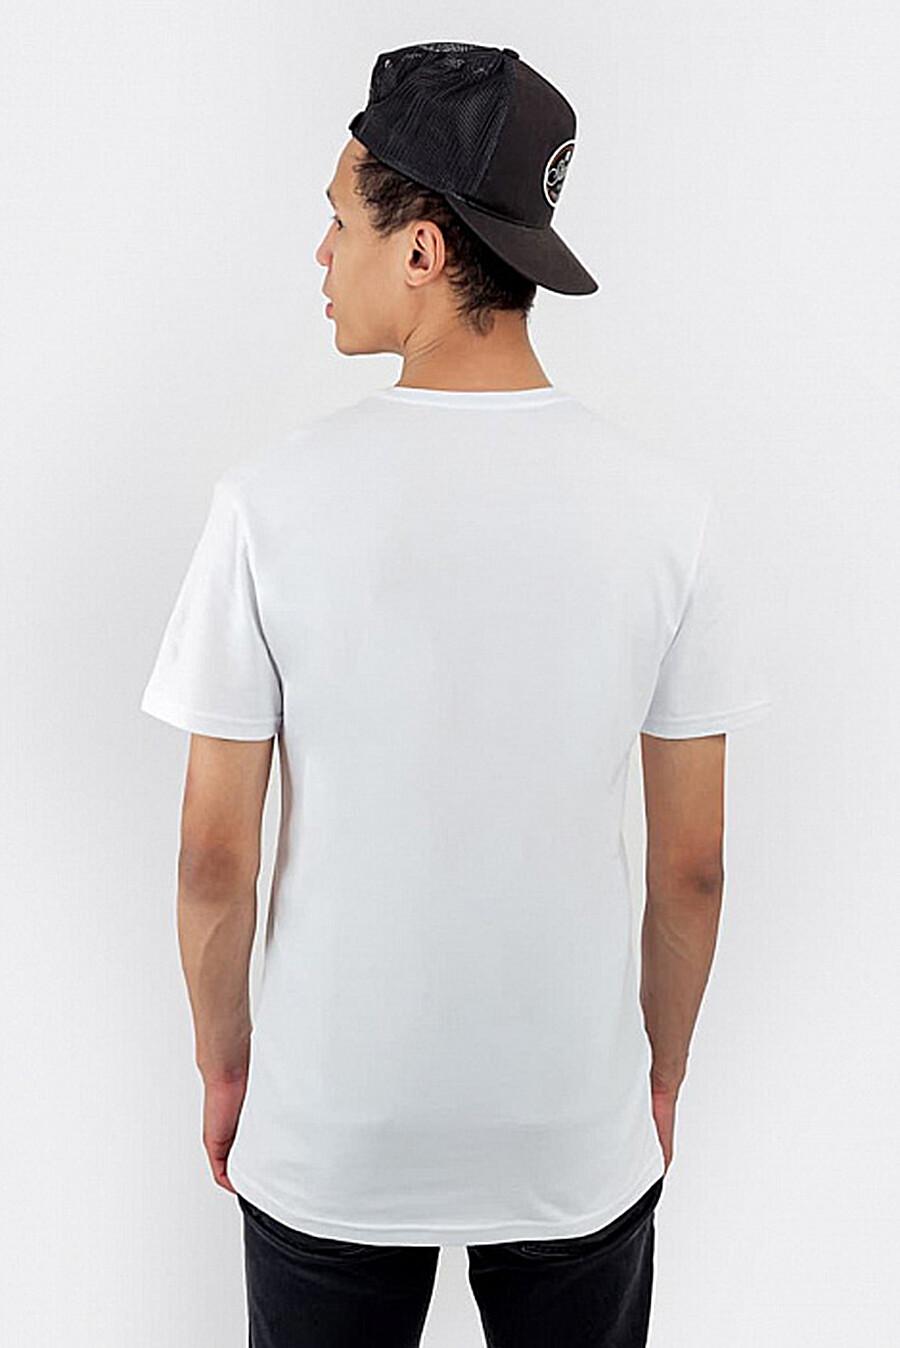 Фуфайка для мужчин MARK FORMELLE 218314 купить оптом от производителя. Совместная покупка мужской одежды в OptMoyo